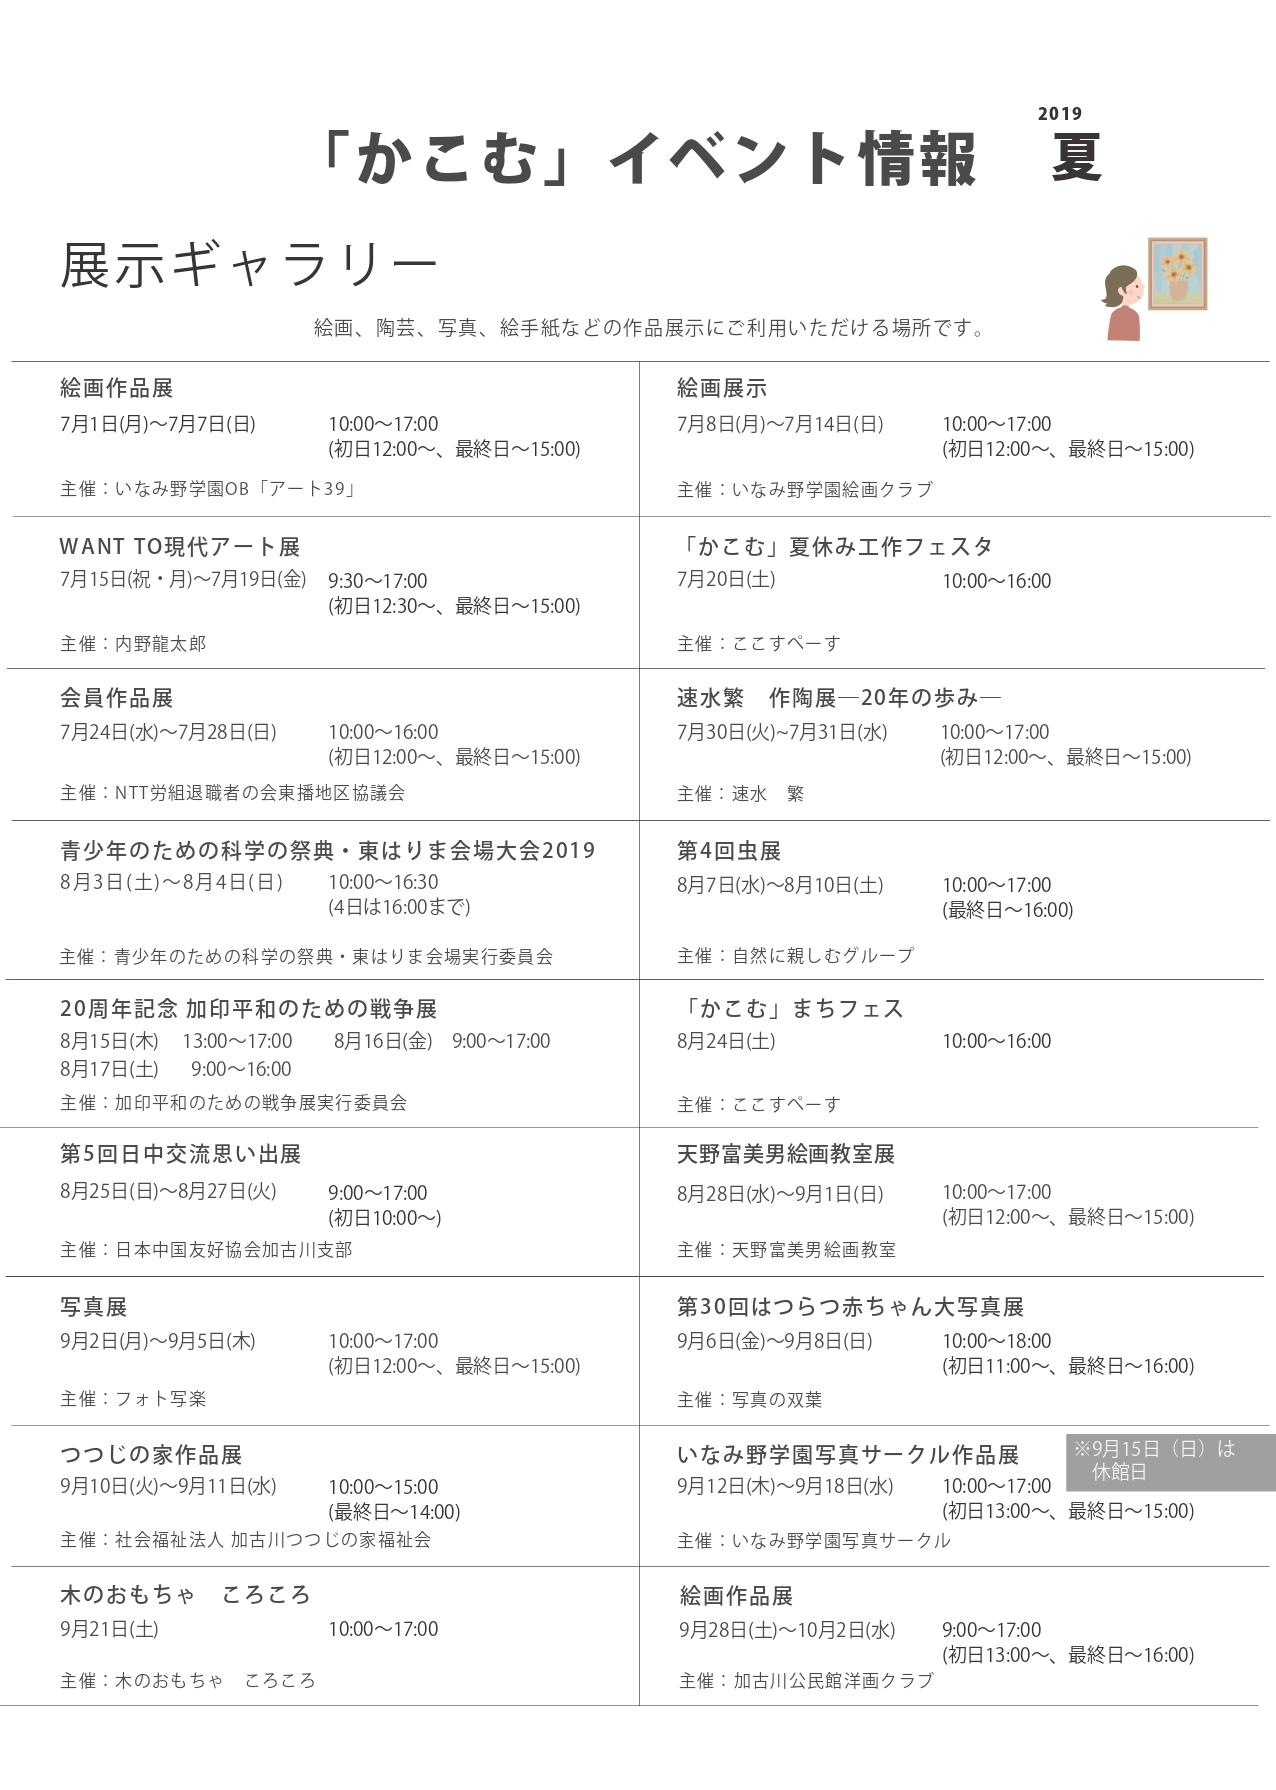 イベント情報 2019夏